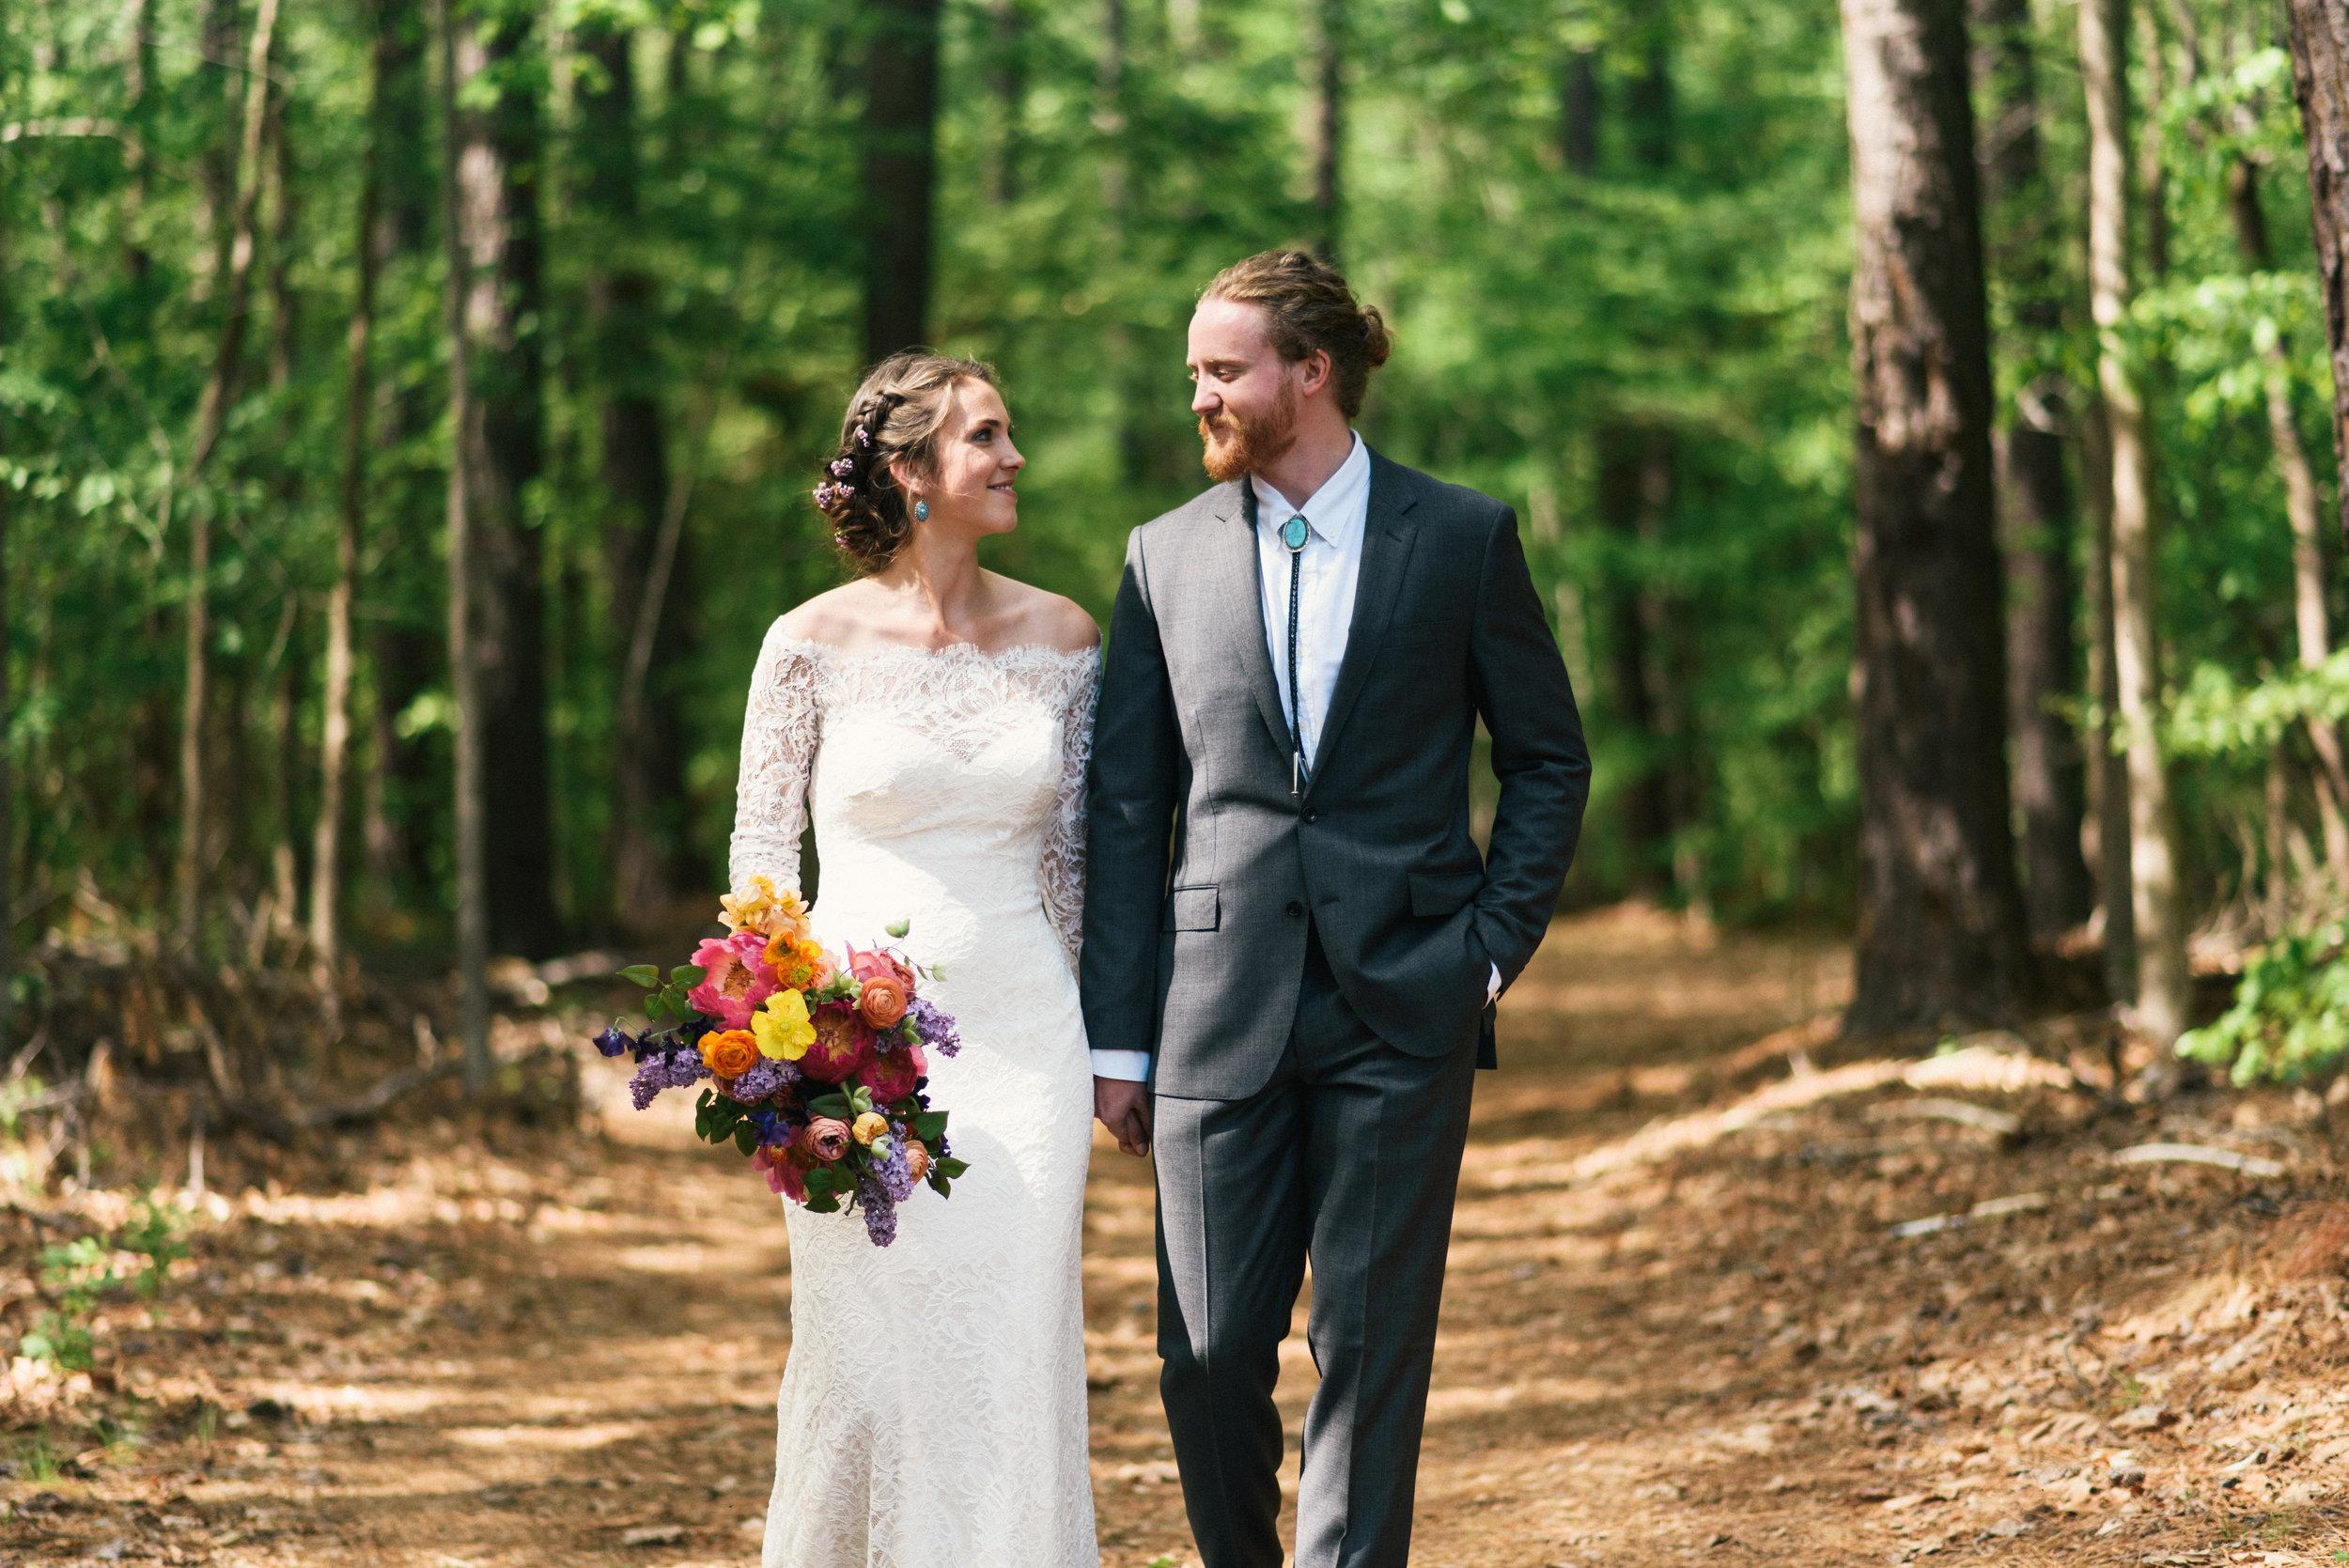 raleigh-elopement-photographer-raleigh-durham-wedding-maddie-and-devin- (33 of 162).jpg